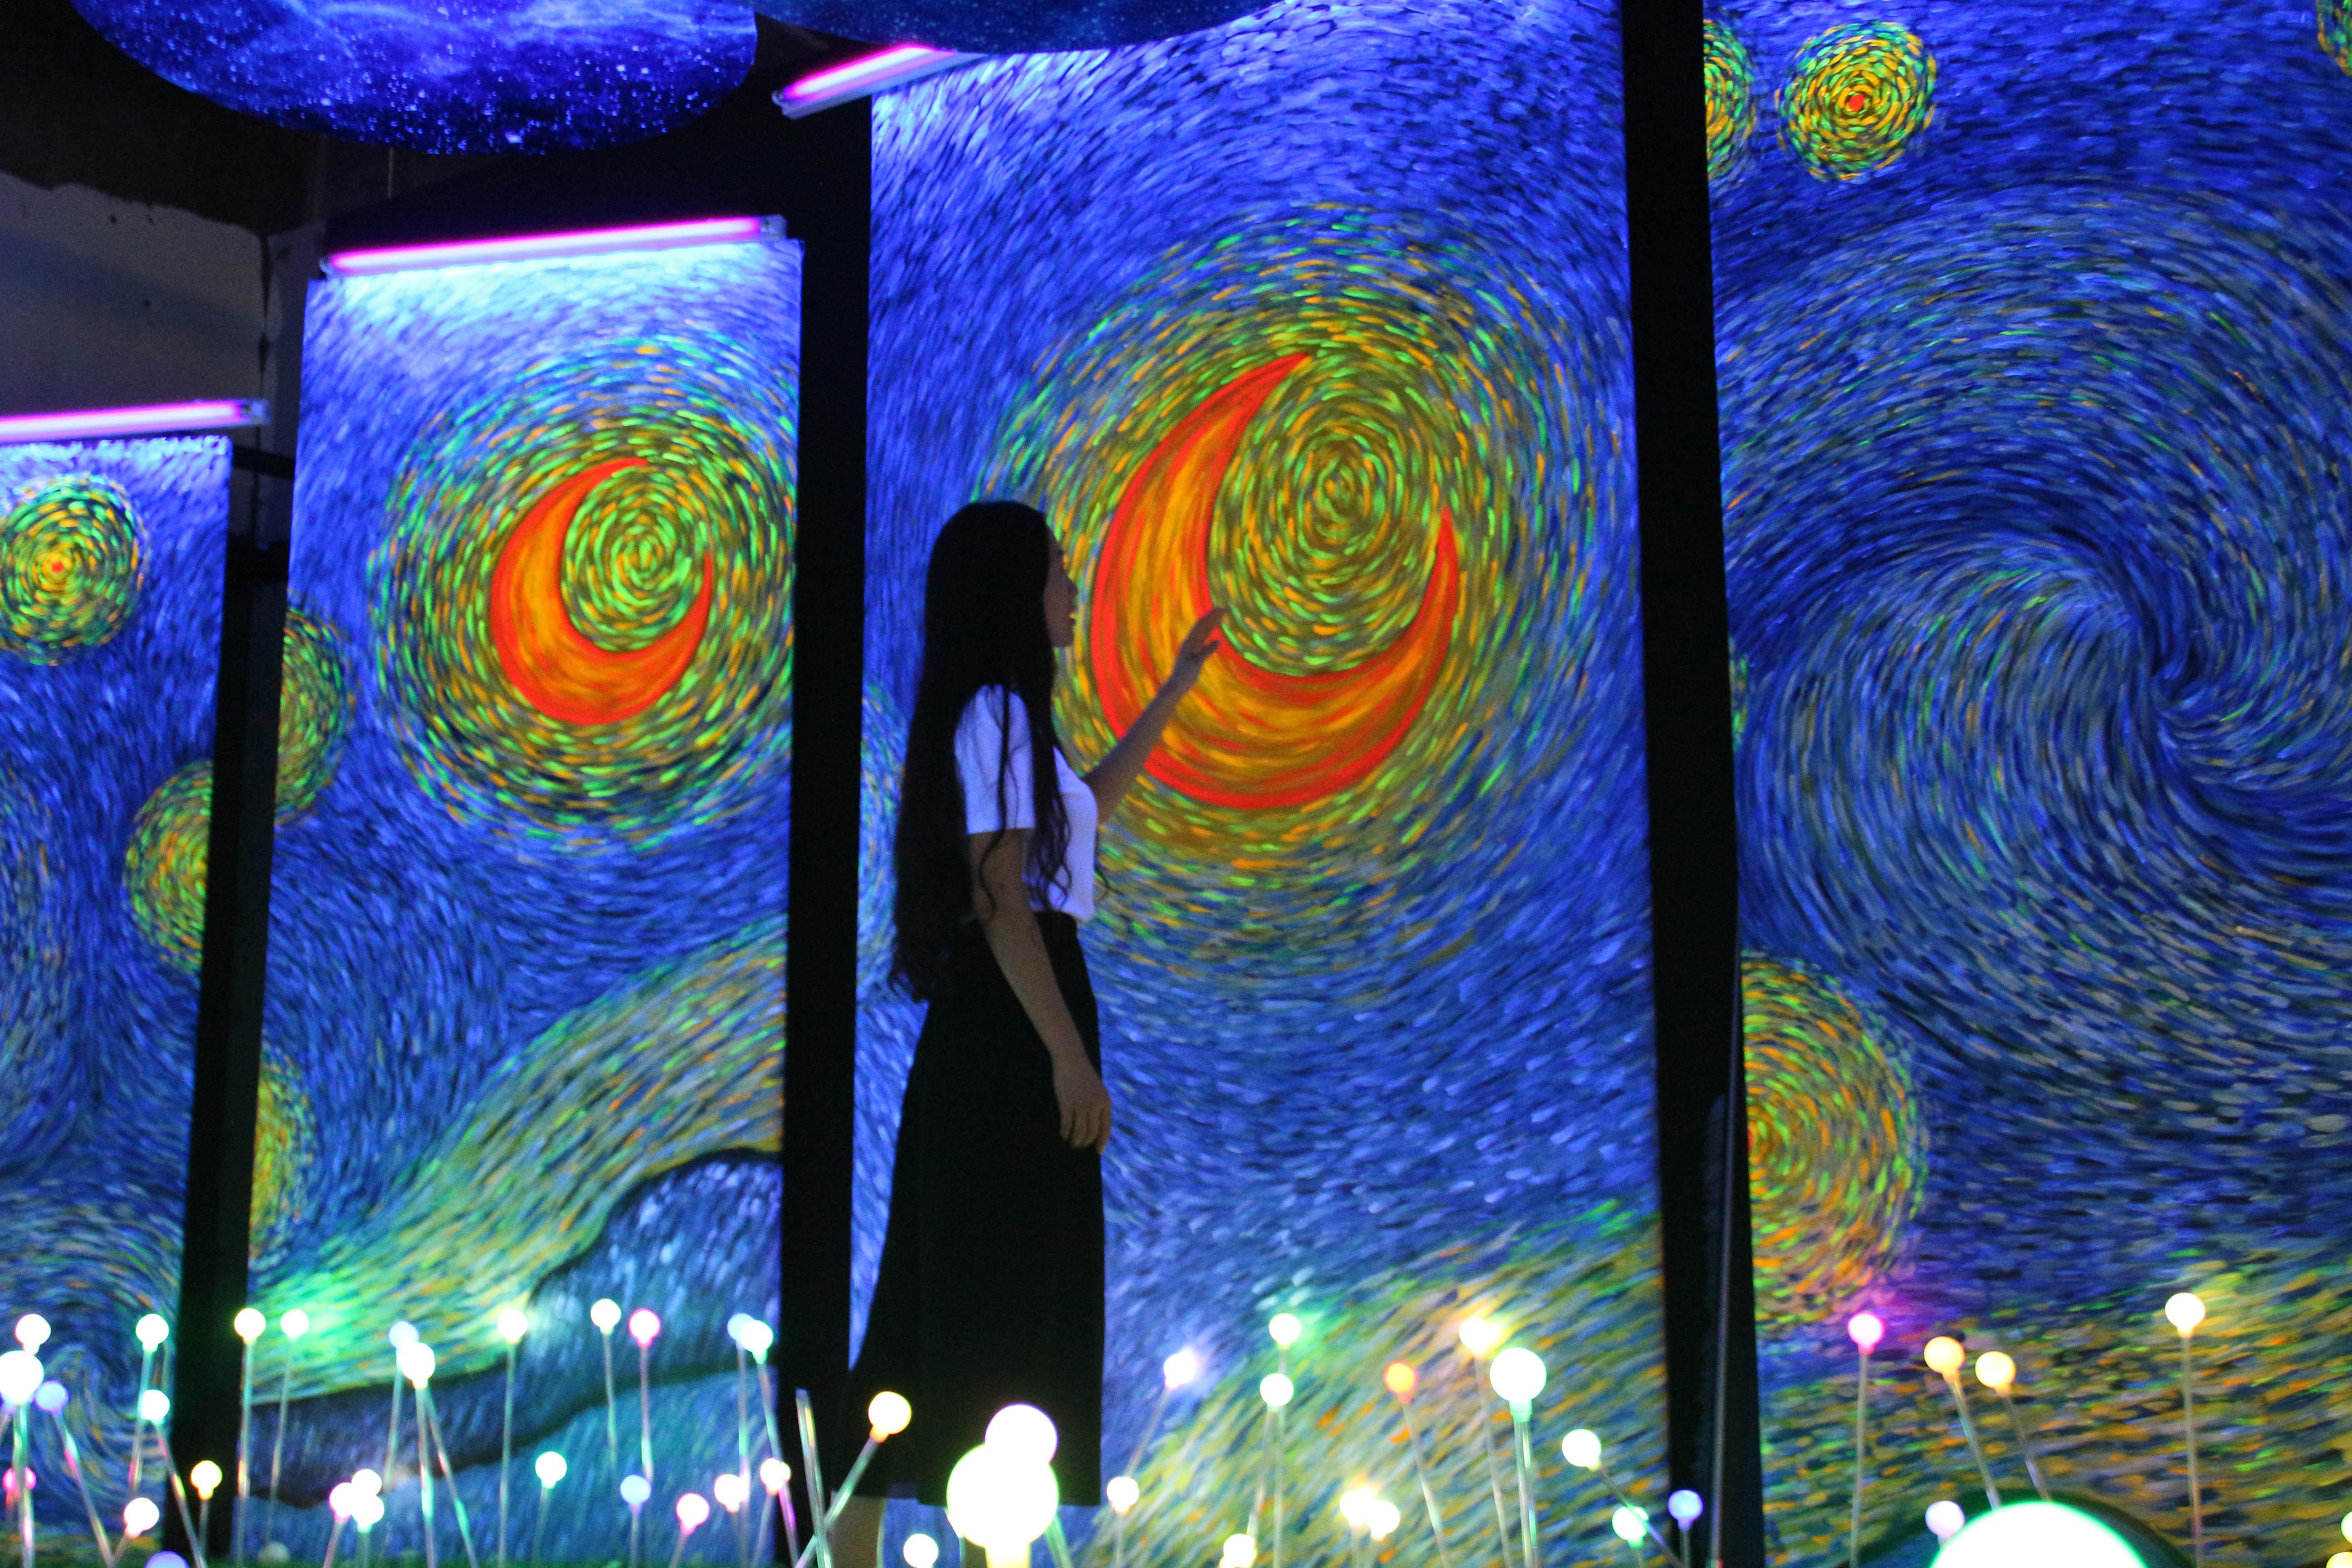 展览主题 遇见梵高,雾时之森,紫藤隧道,无极地井,无限星空,夕阳剪影